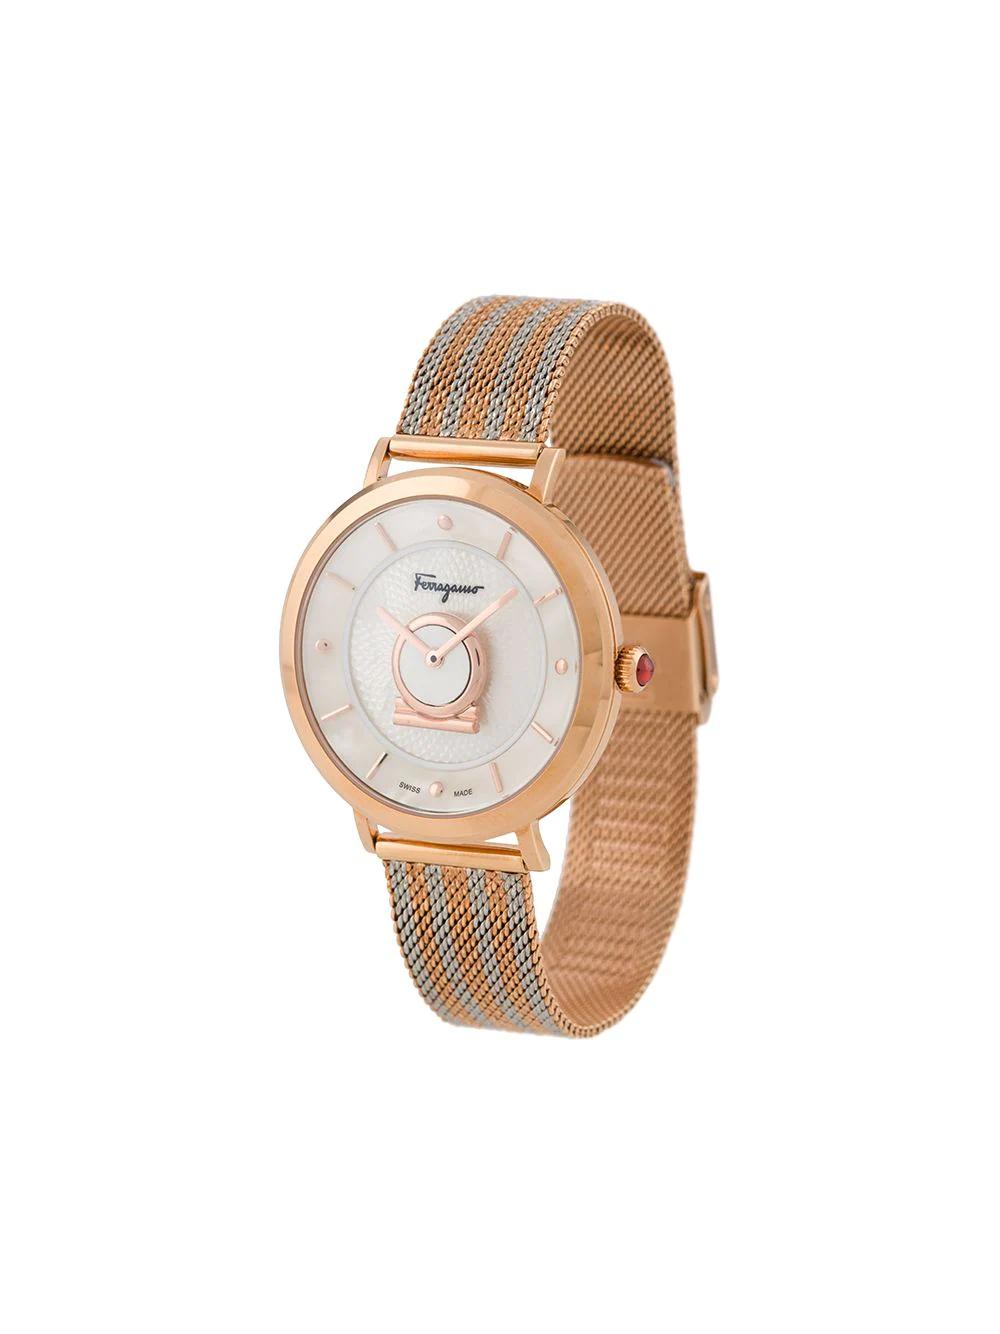 SALVATORE FERRAGAMO | Salvatore Ferragamo Watches наручные часы Minuetto 36 мм | Clouty